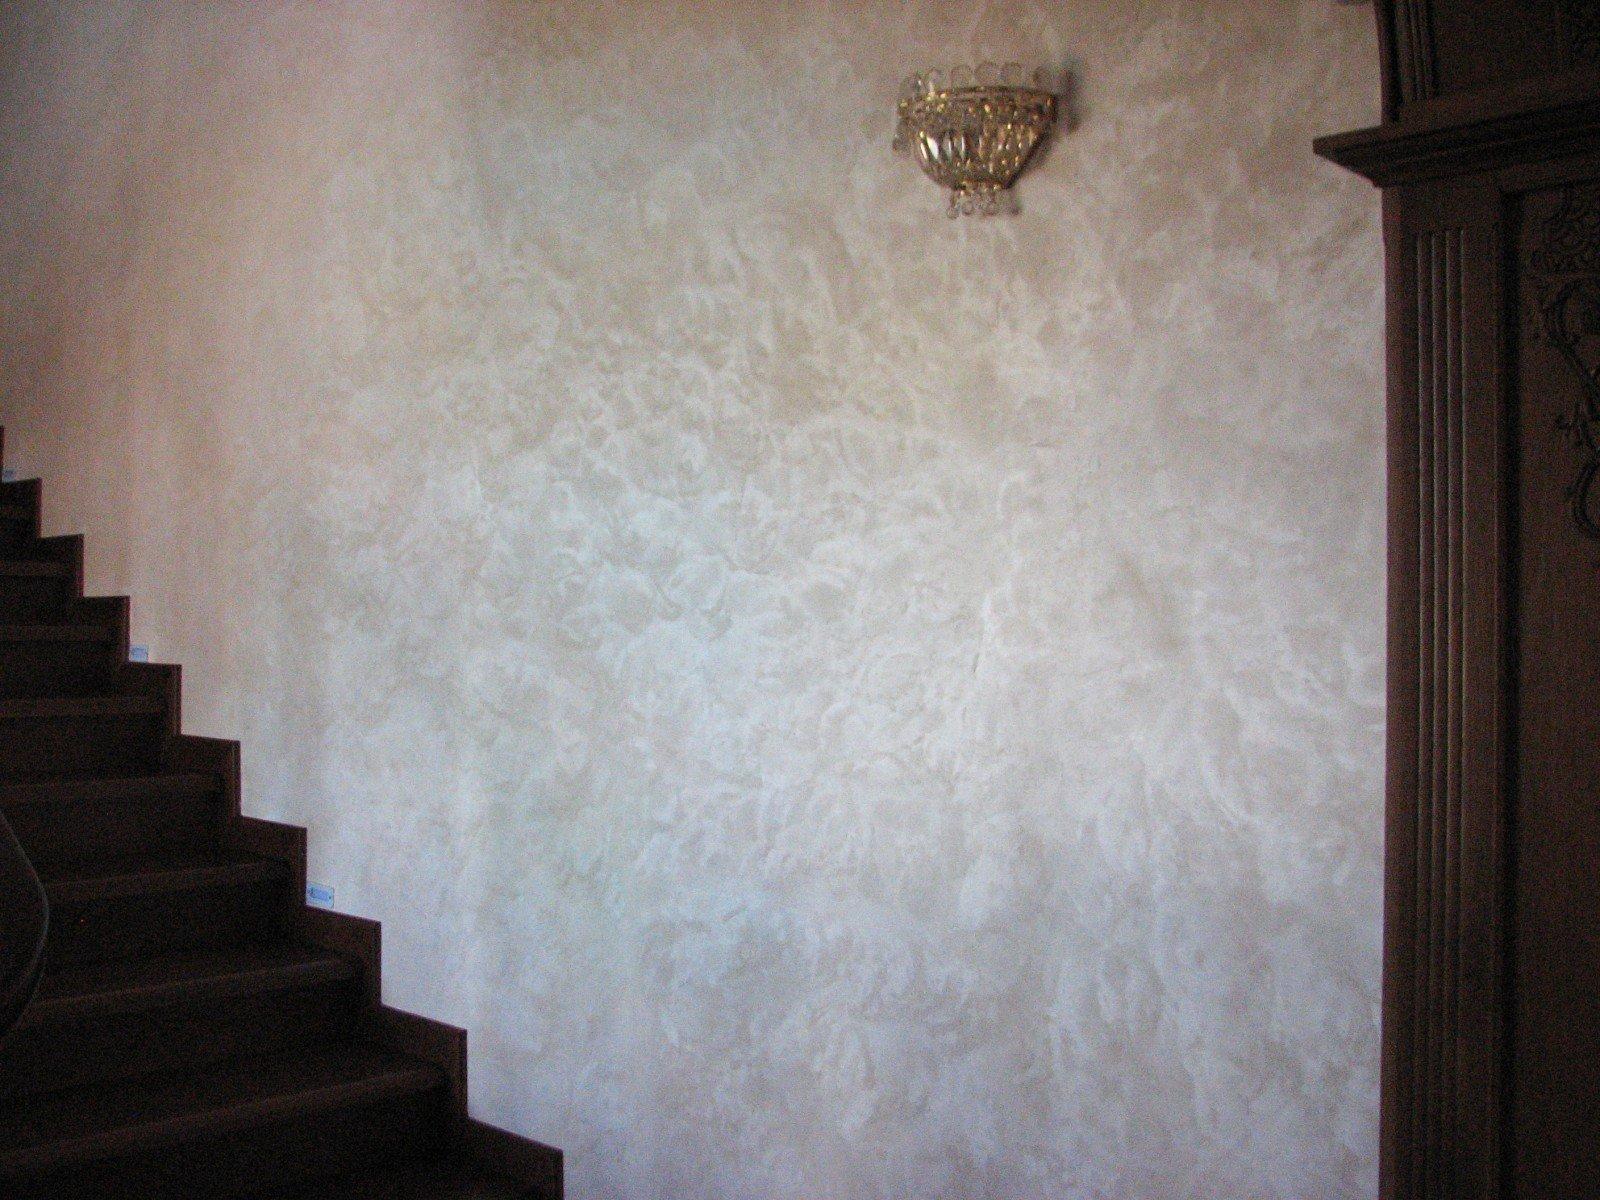 Фантастика или реальность: стеновые покрытия с оптическим эффектом